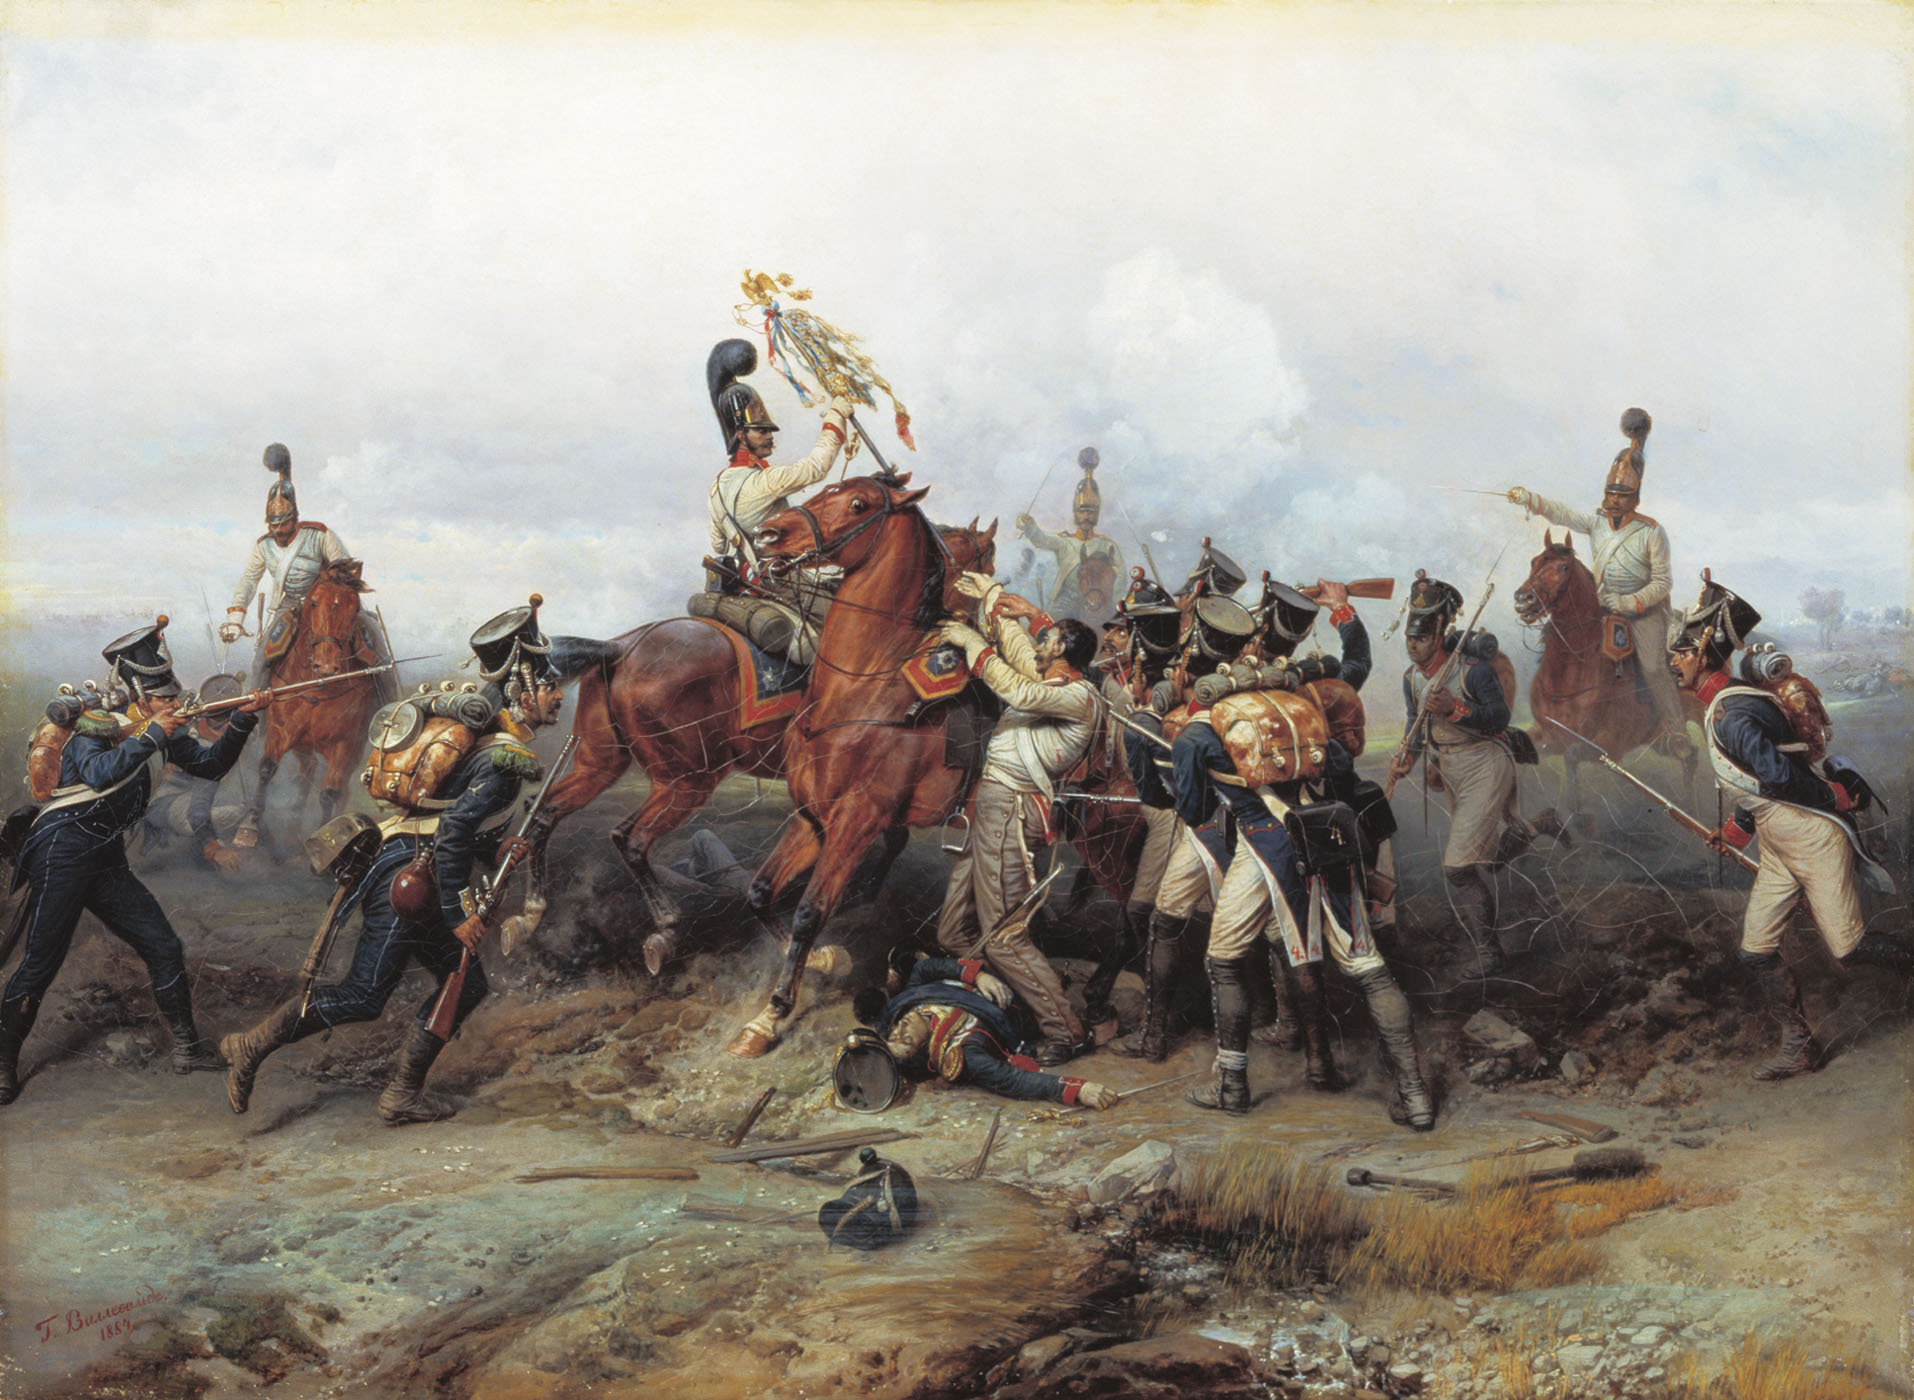 Богдан Виллеваде. Подвиг конного полка в сражении при Аустерлице в 1805 году. 1884.